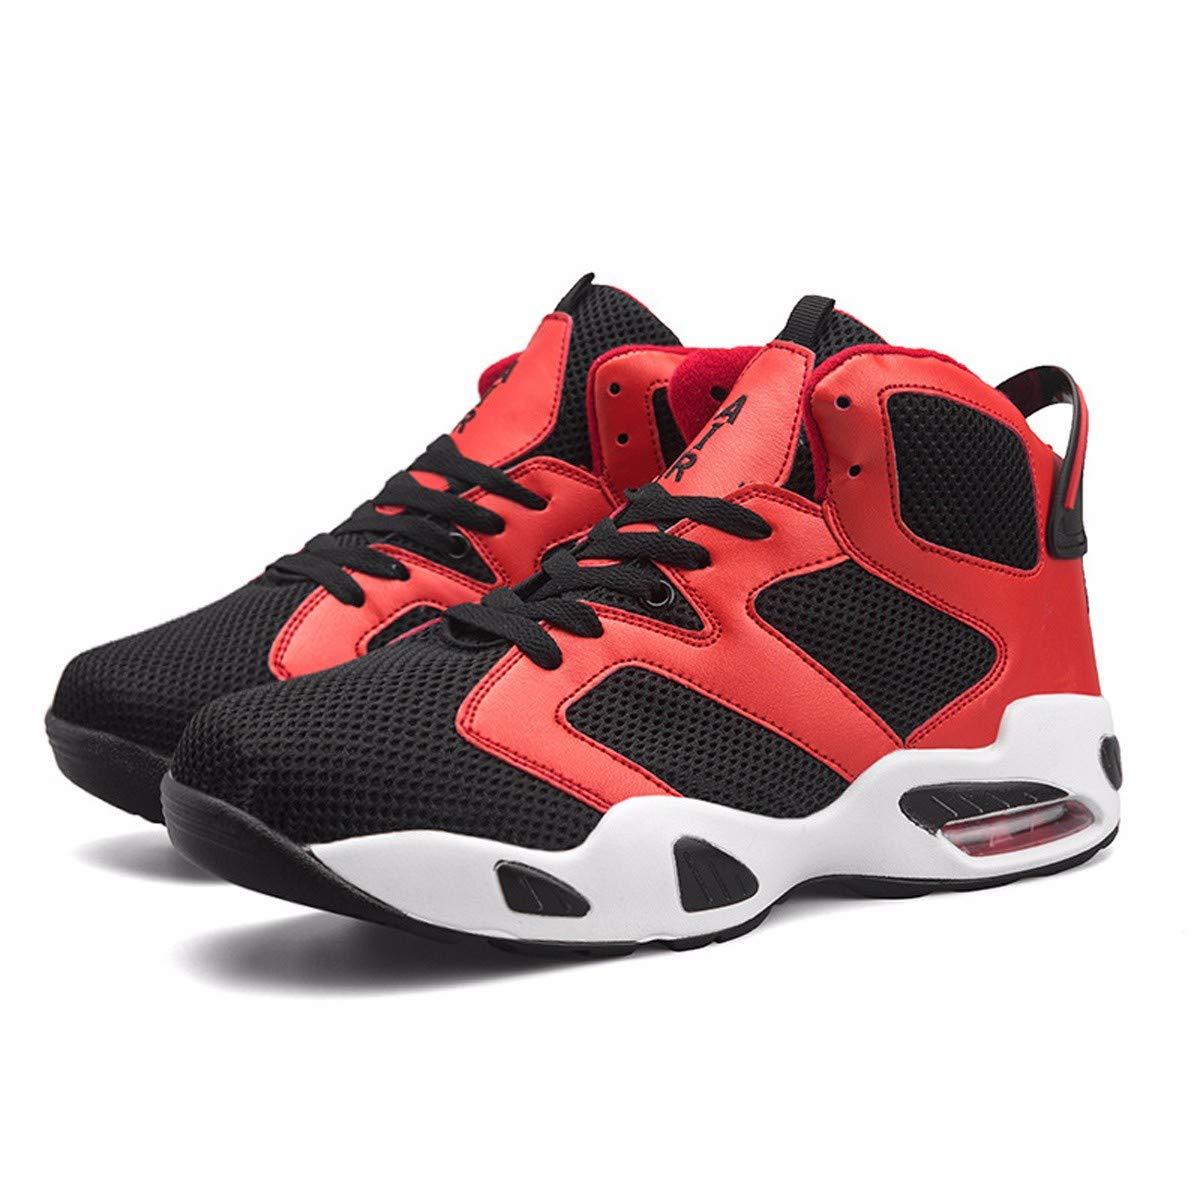 KMJBS-Atmungsaktive Schuhe Basketball - Schuhe Luftkissen Stiefel Verschleißfest Mesh - Ultraleicht - Sport und Ein Paar Schuhe.